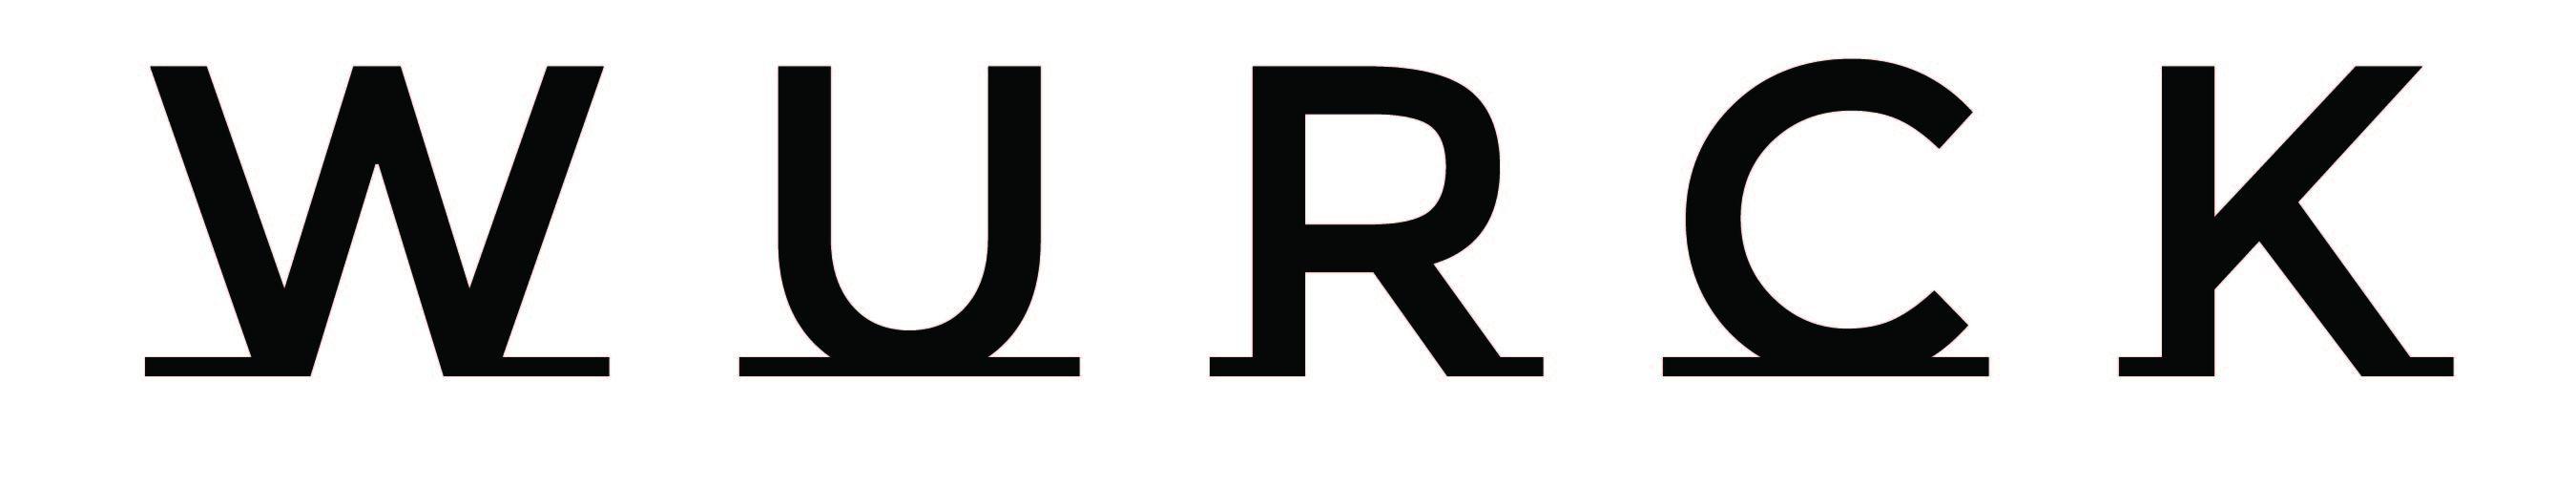 WURCK Logo